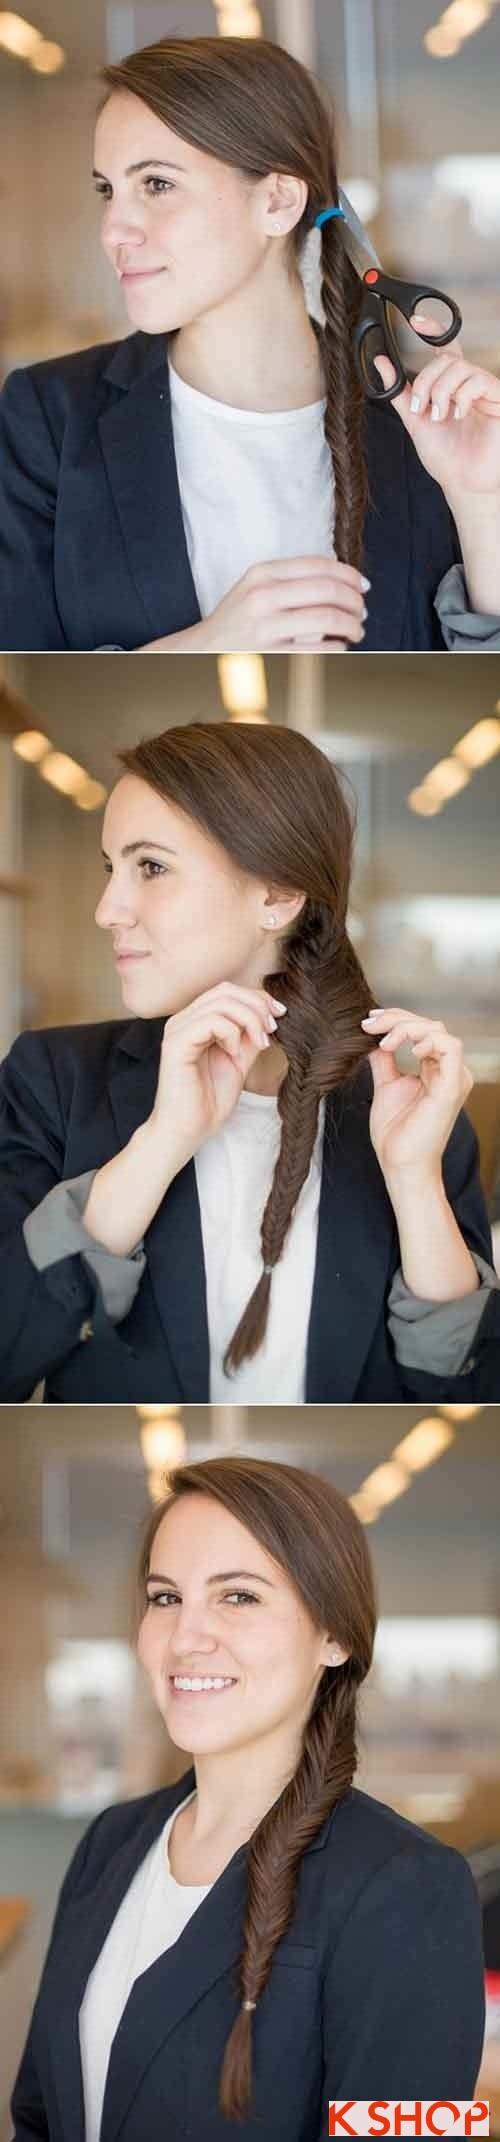 Những kiểu tóc đẹp đơn giản cho bạn gái tới công sở - 7